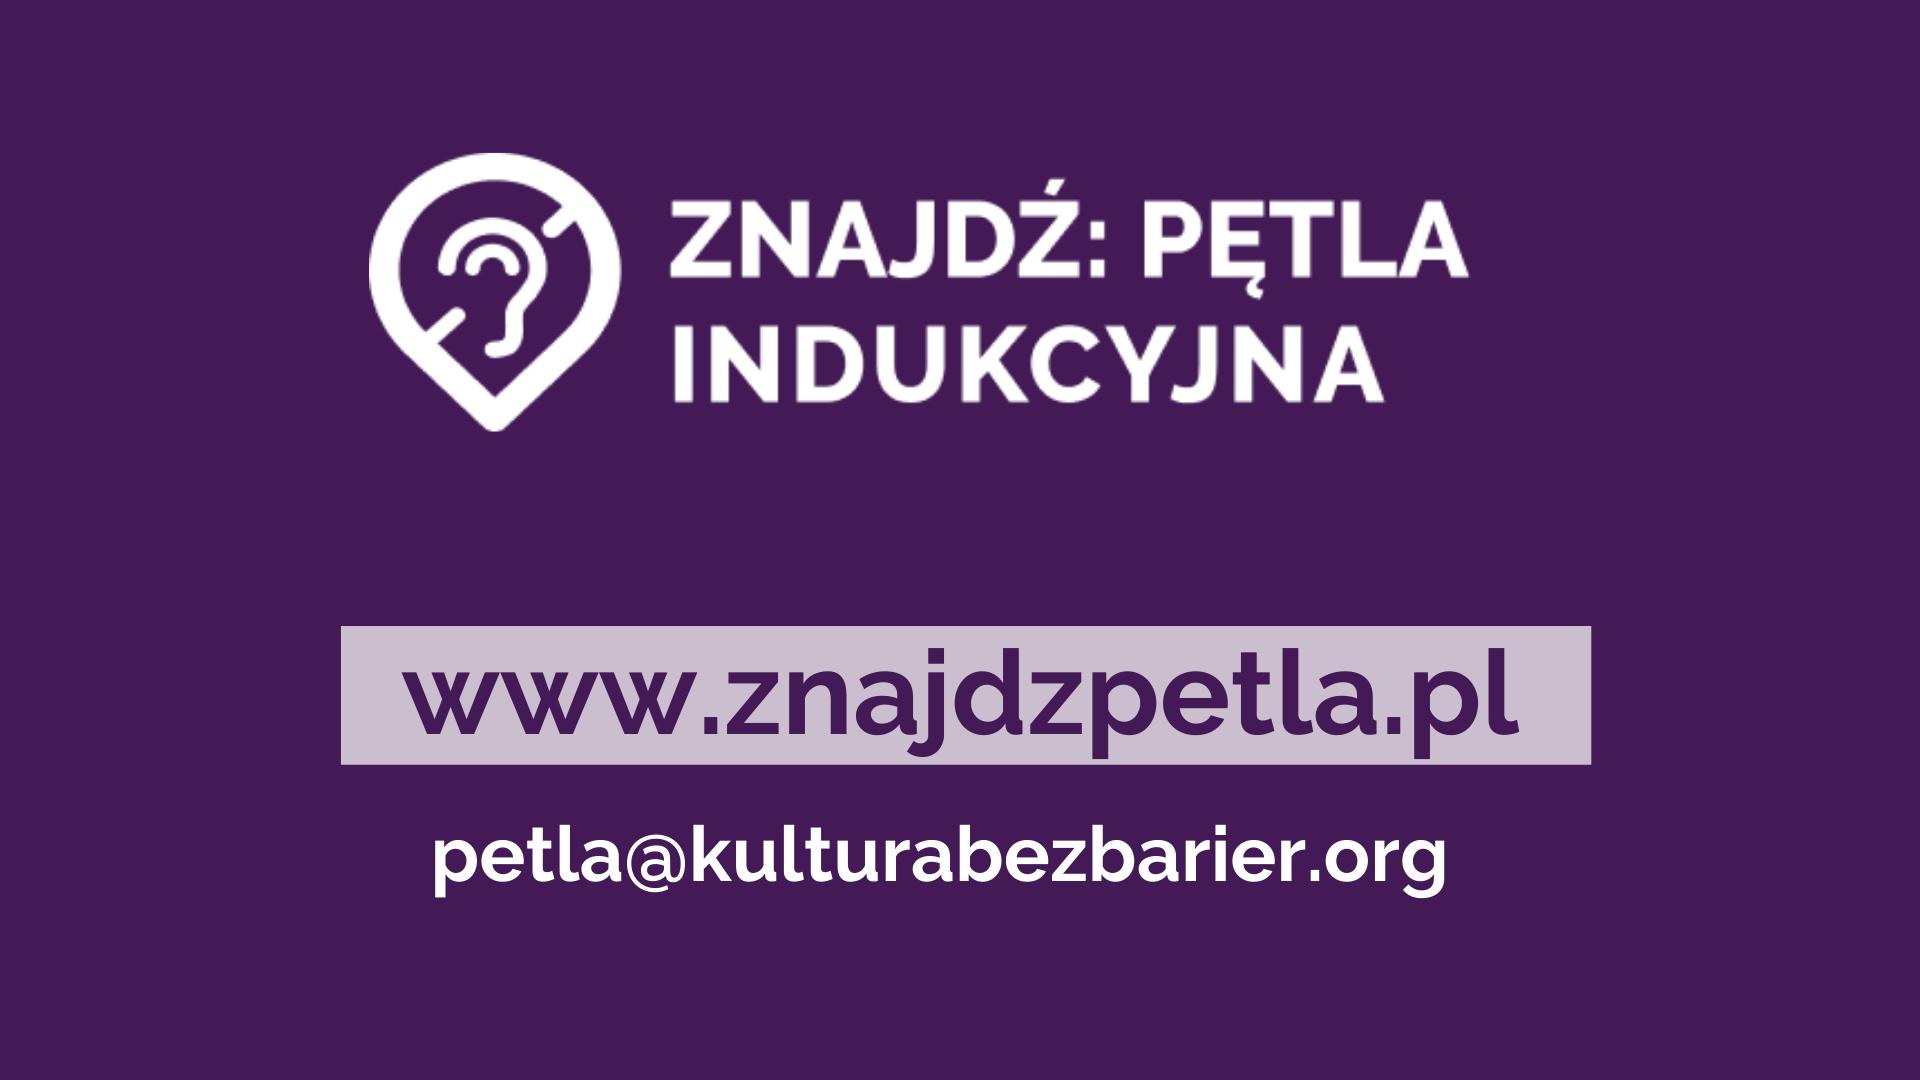 grafika. Znajdź: pętla indukcyjna, www.znajdzpetla.pl, adres petla@kulturabezbarier.org